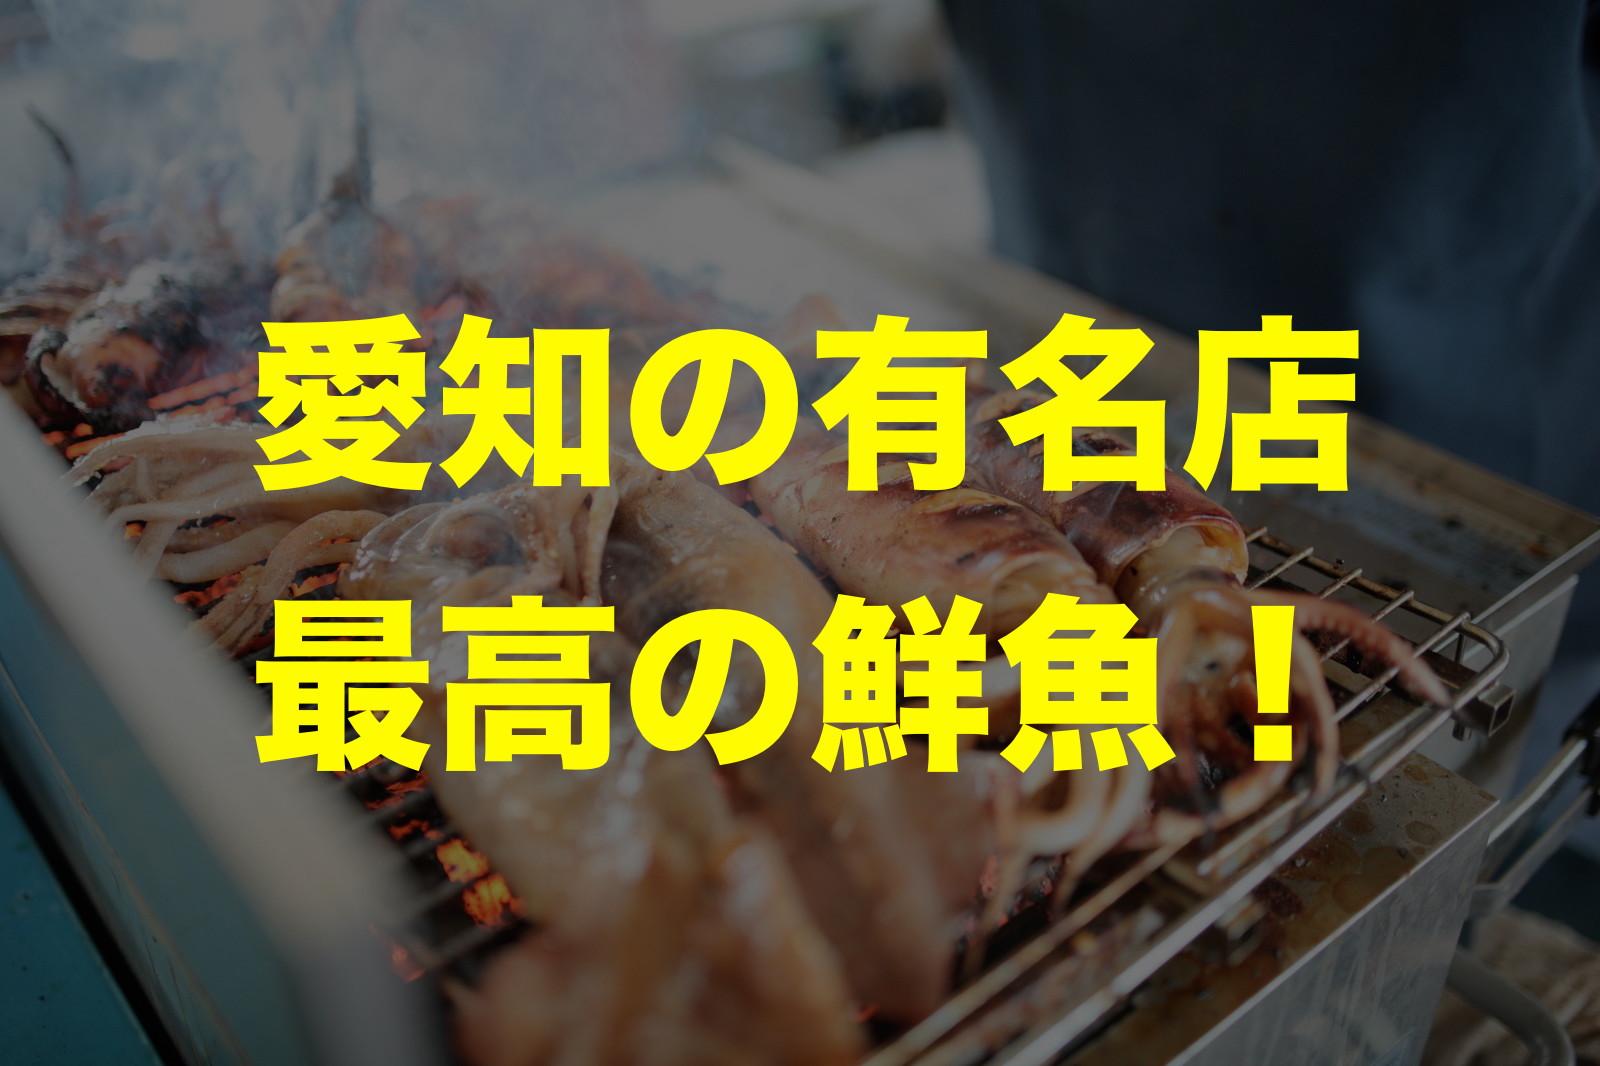 魚太郎で愛知の絶品海鮮丼を堪能!メニューと市場の様子をレポート